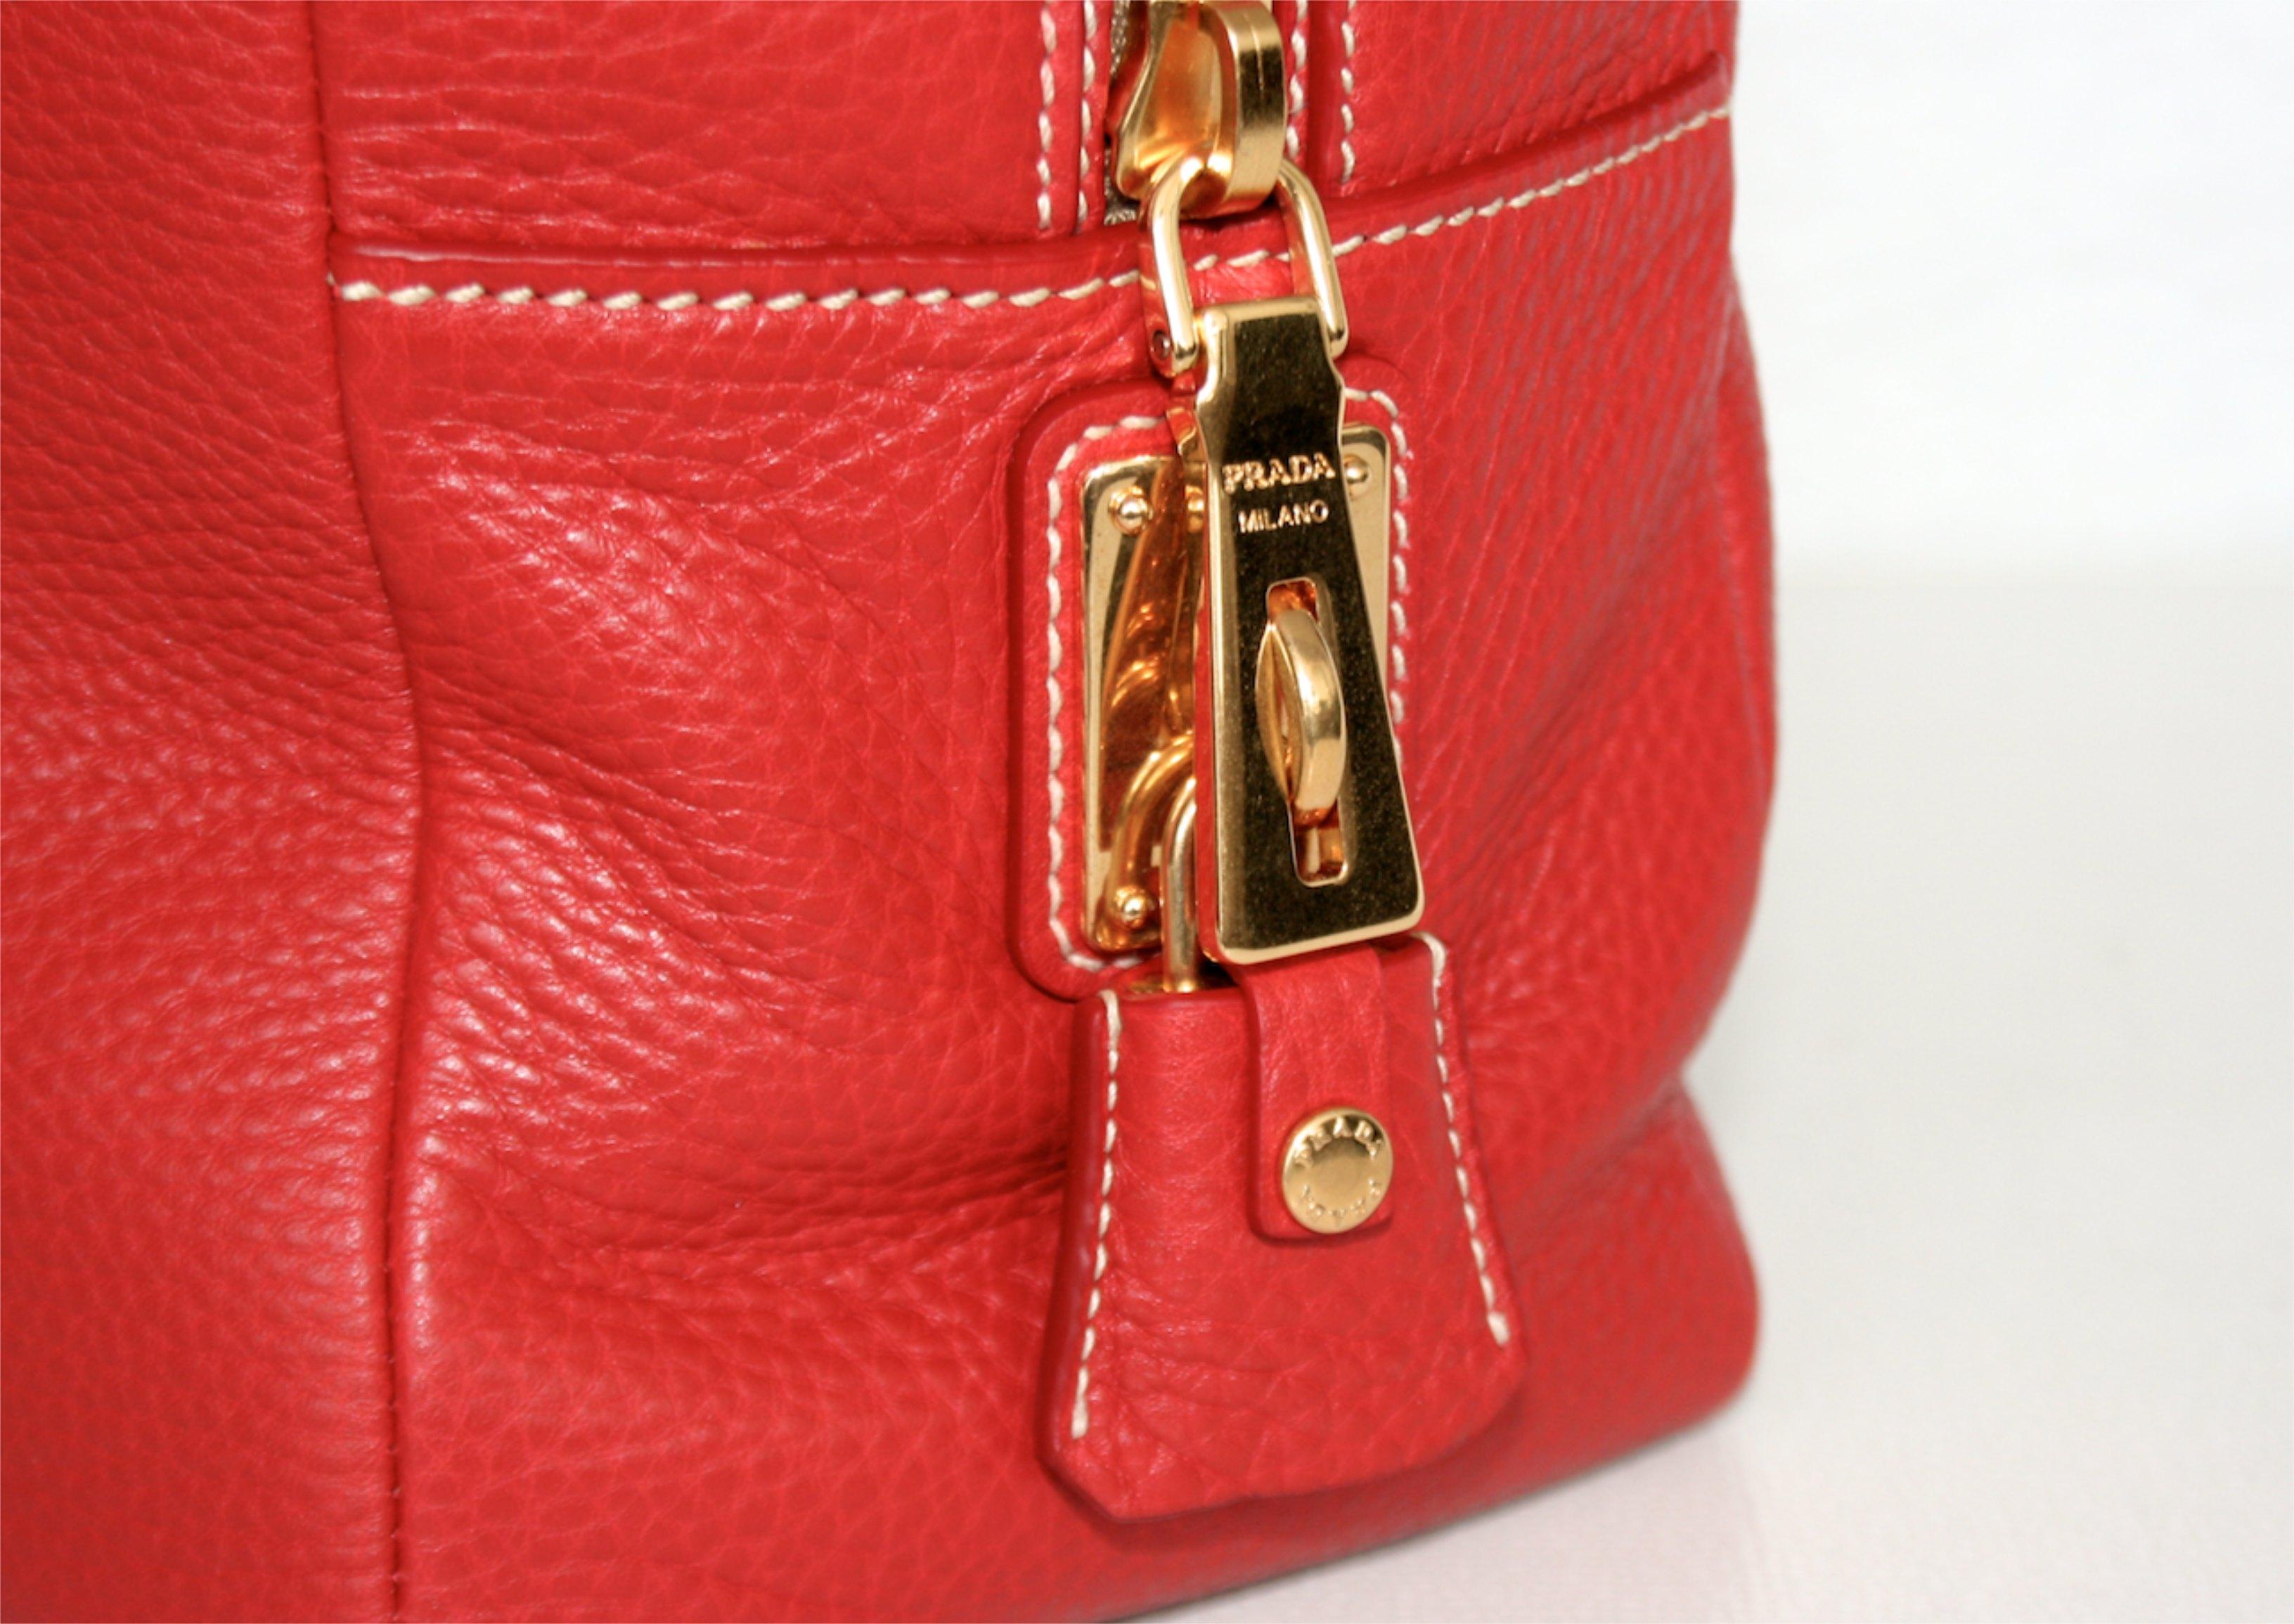 prada handbag bag purse handbag bag new new bl0816 rosso. Black Bedroom Furniture Sets. Home Design Ideas